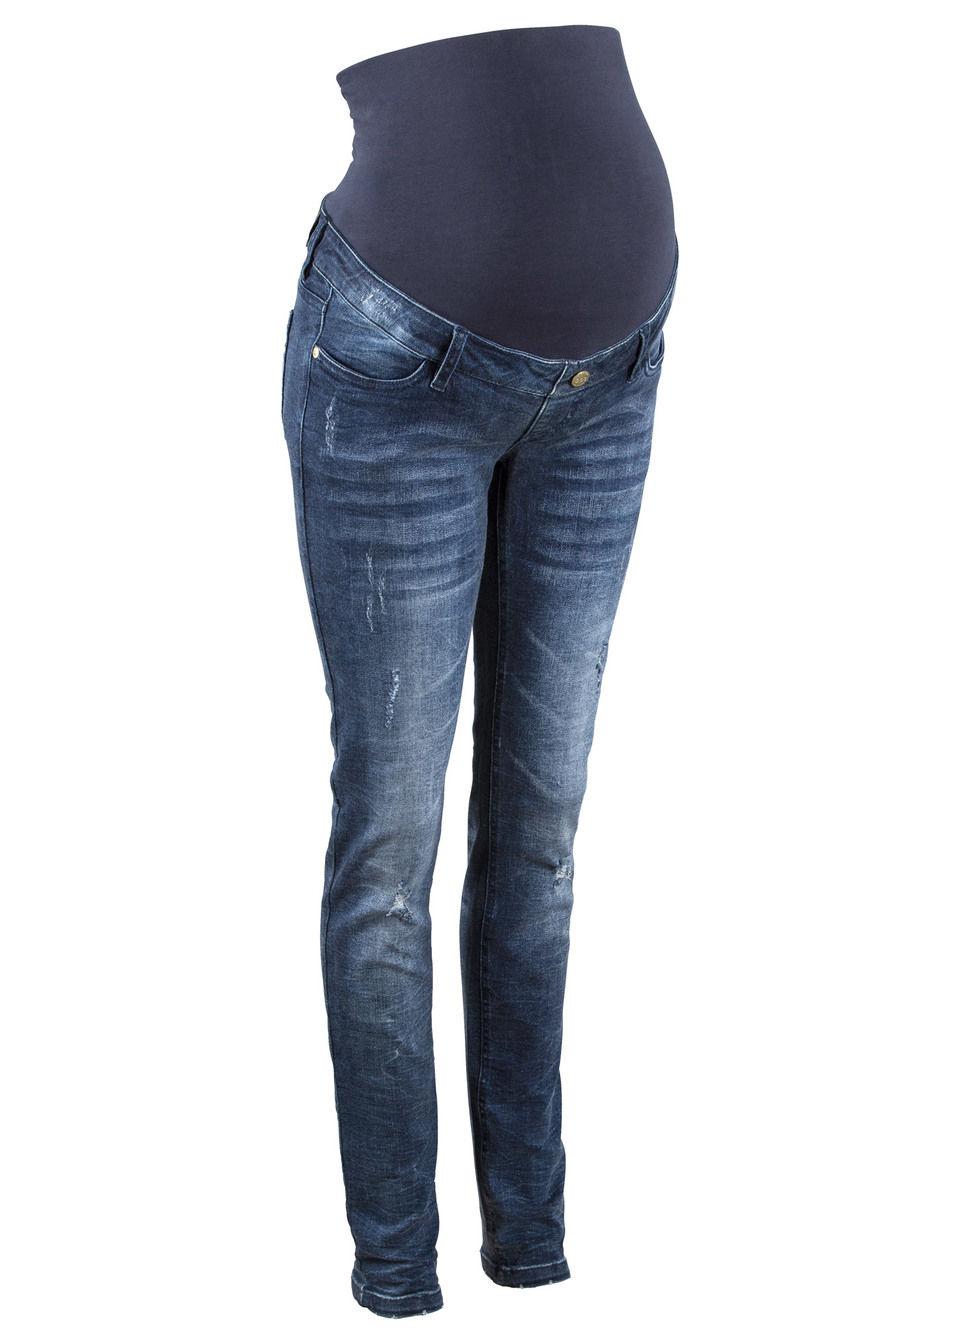 Для будущих мам: джинсы Skinny с умышленными повреждениями